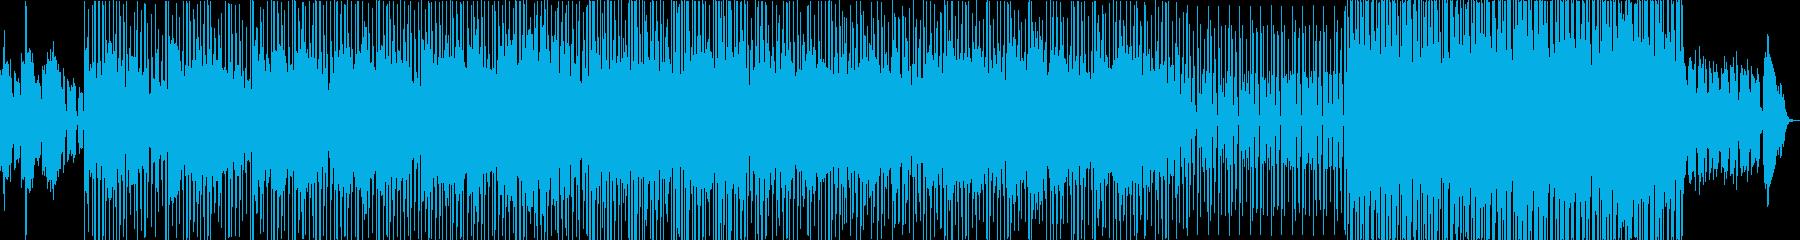 不穏な空気の中、鳴り響く無数のベルの再生済みの波形